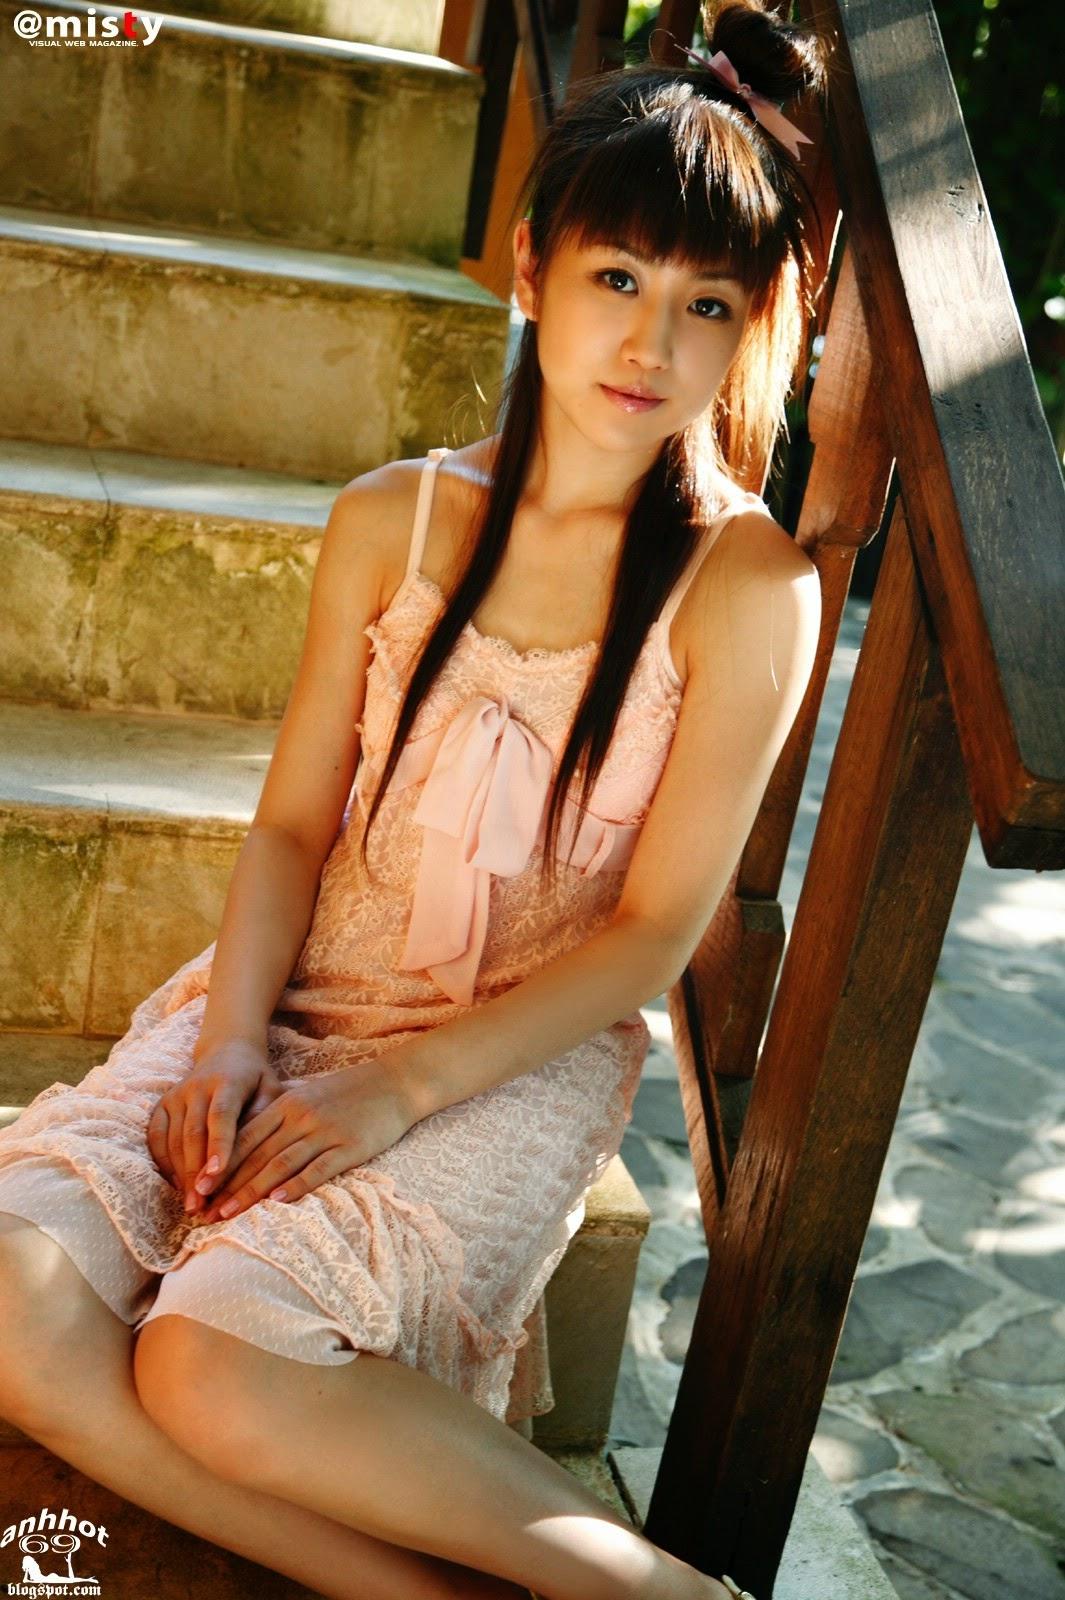 chise-nakamura-00997923